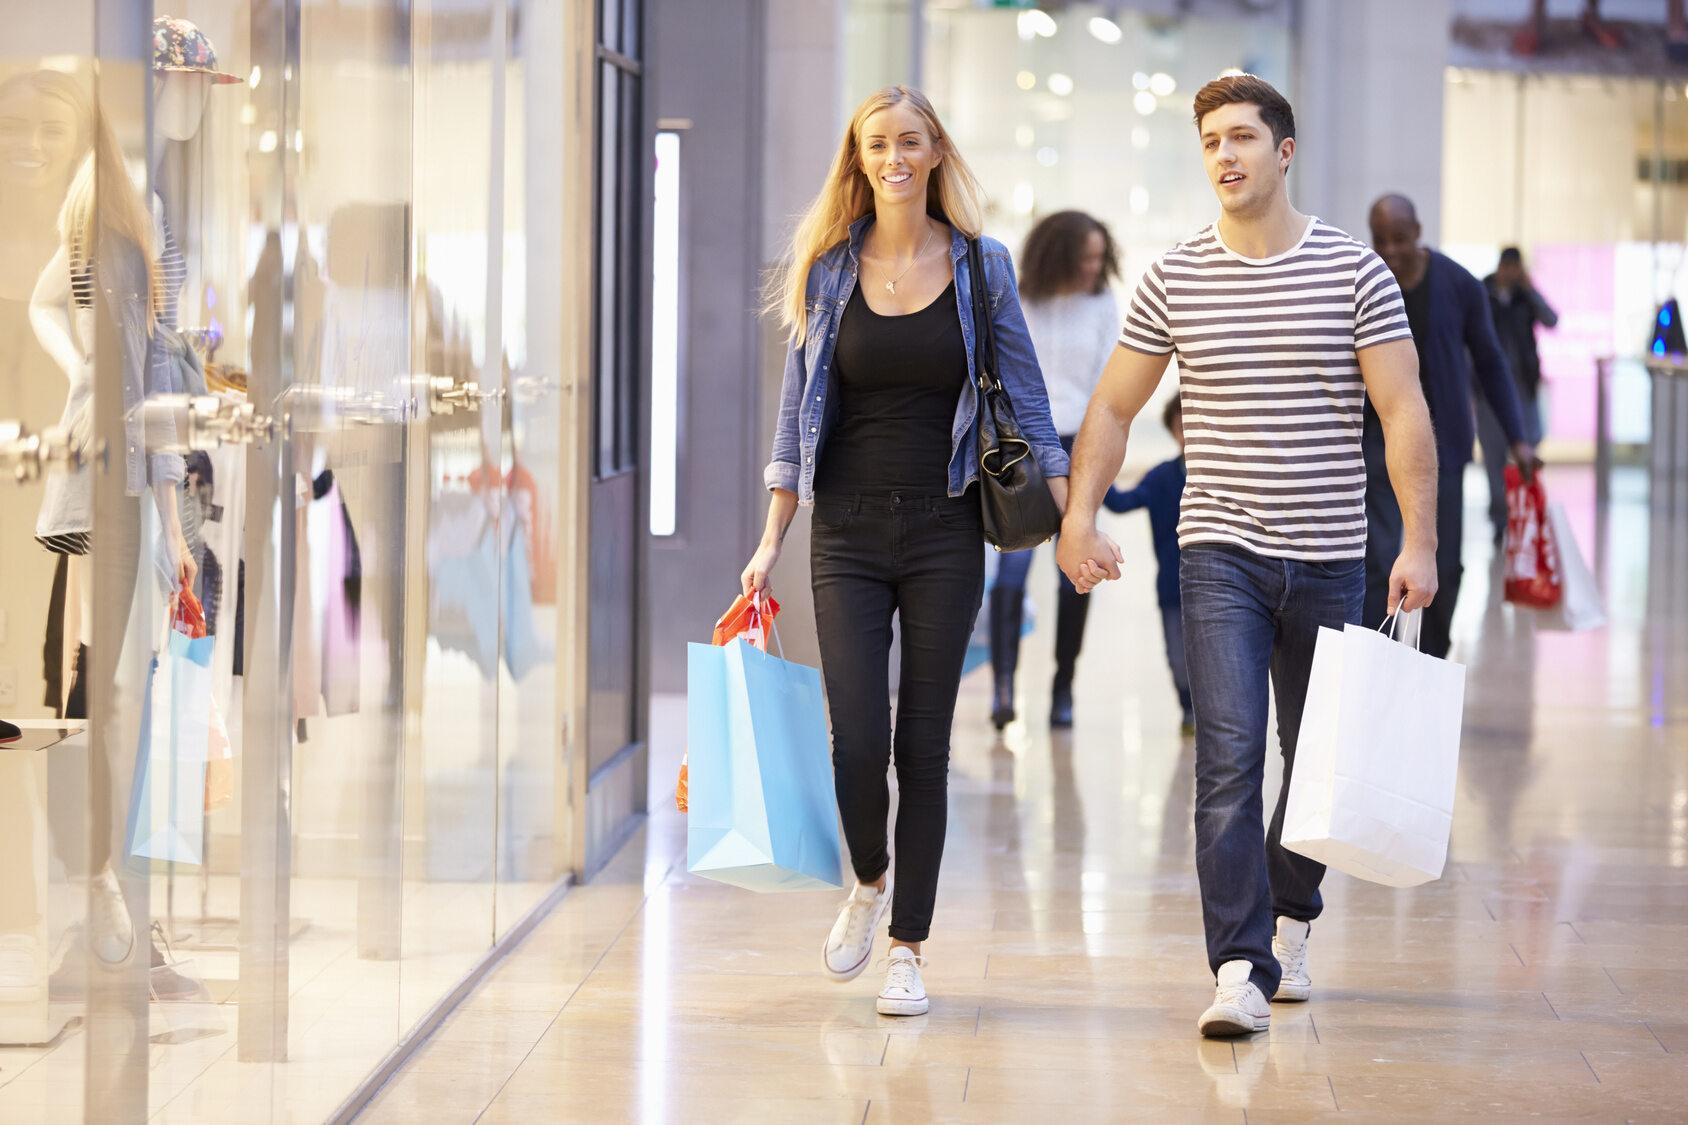 zakupy, centrum handlowe (zdj. ilustracyjne)